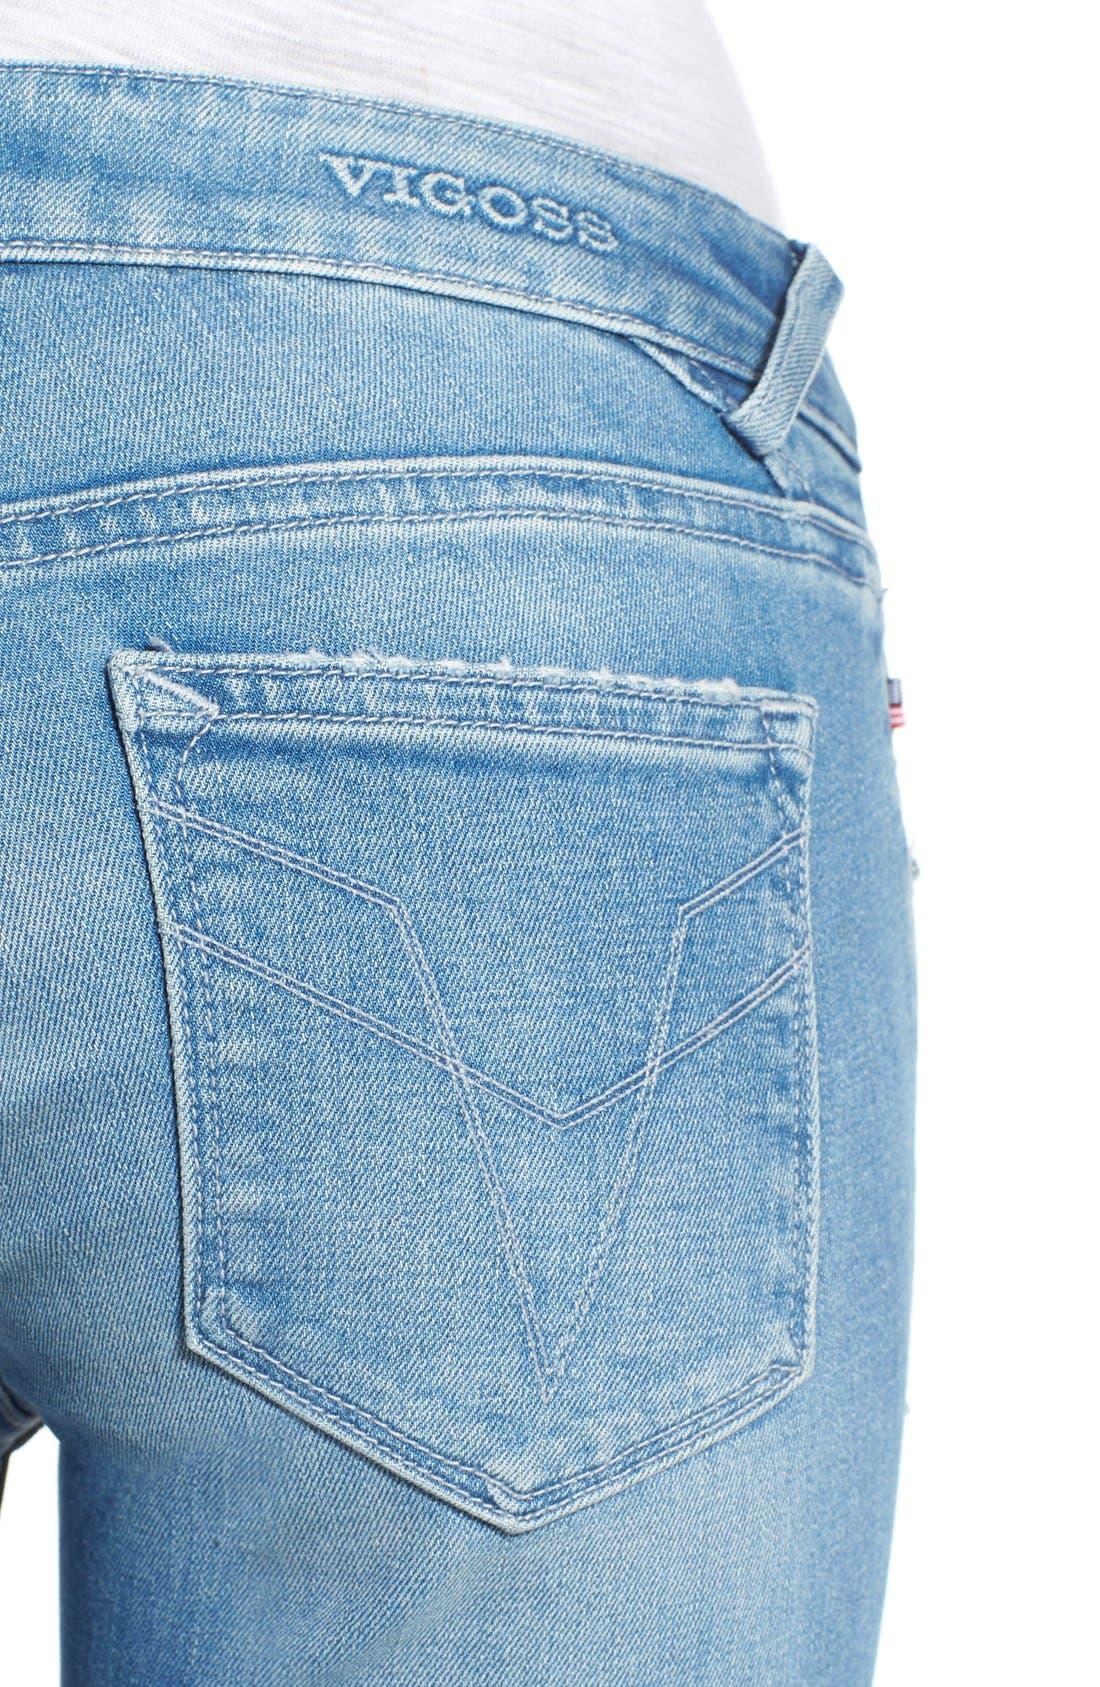 Alternate Image 4  - Vigoss 'Chelsea' Super Skinny Jeans (Light Wash)